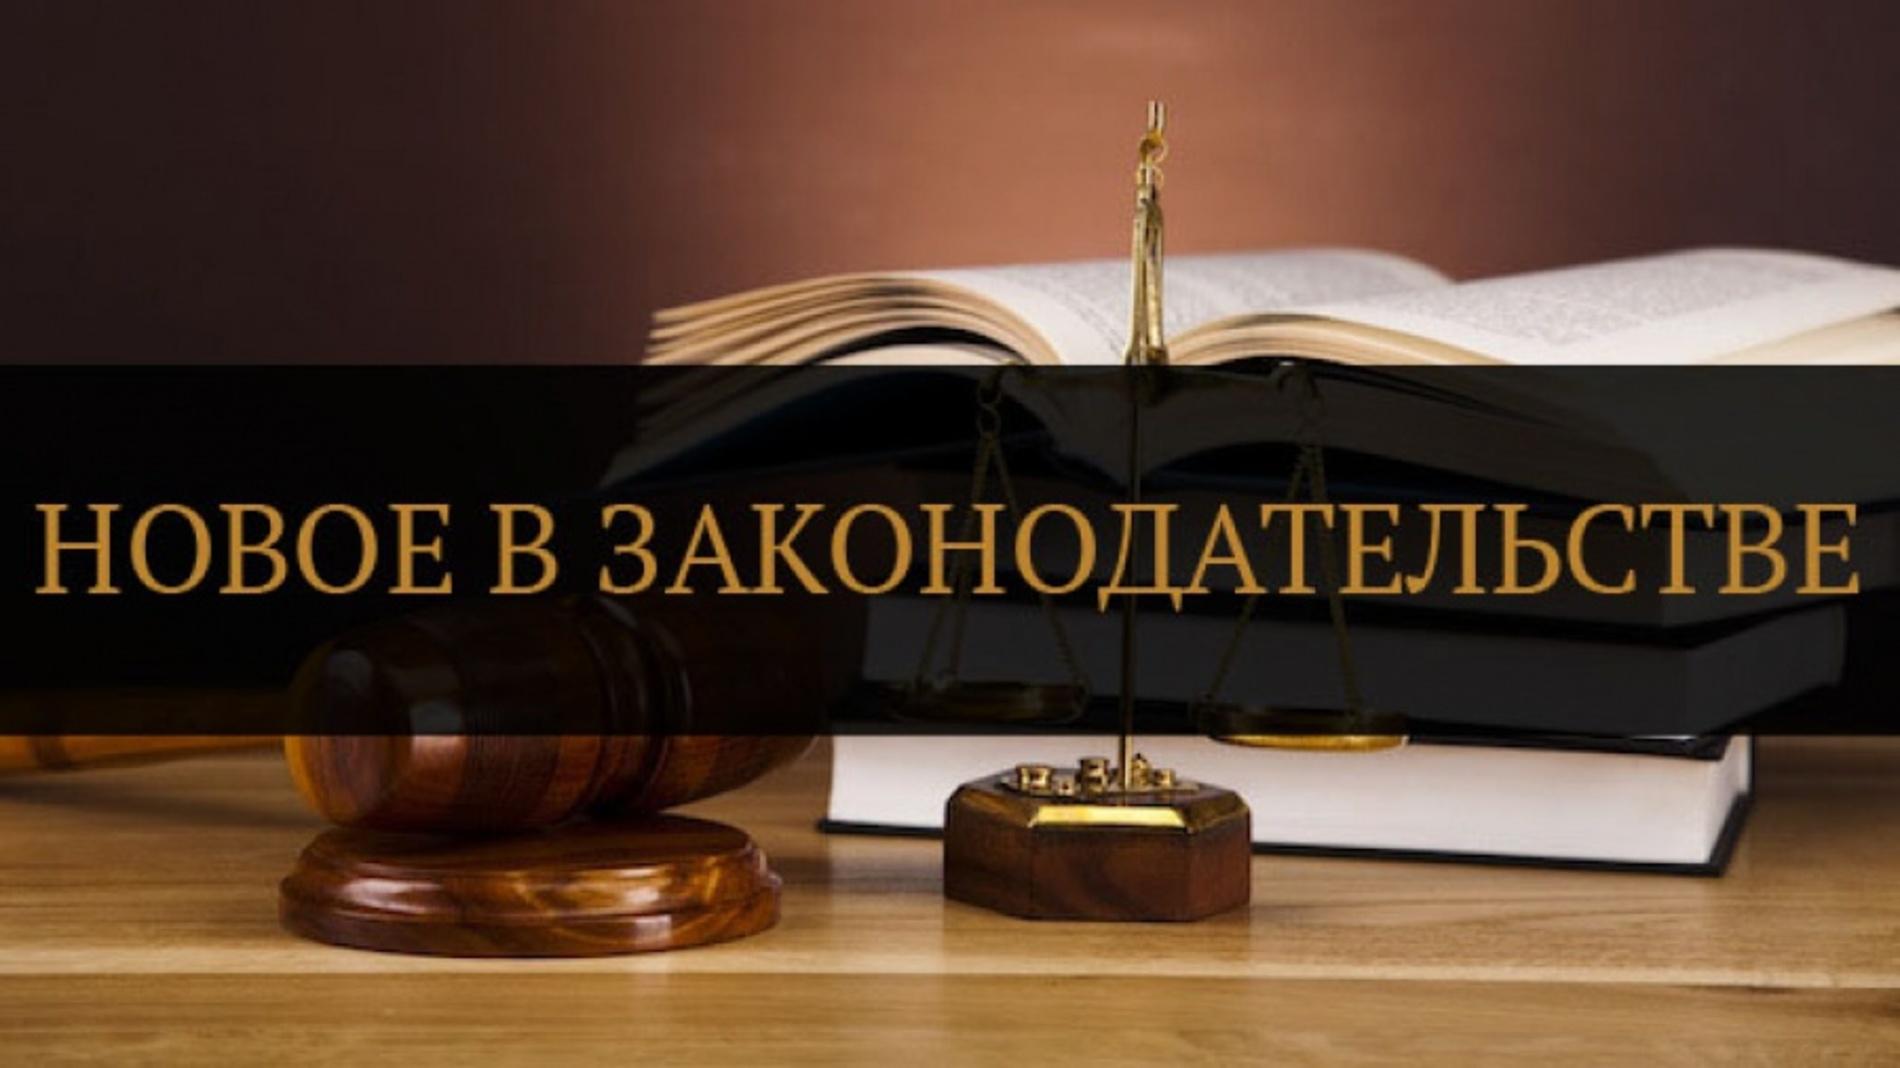 О некоторых сентябрьских законах, которые повлияют на жизнь россиян